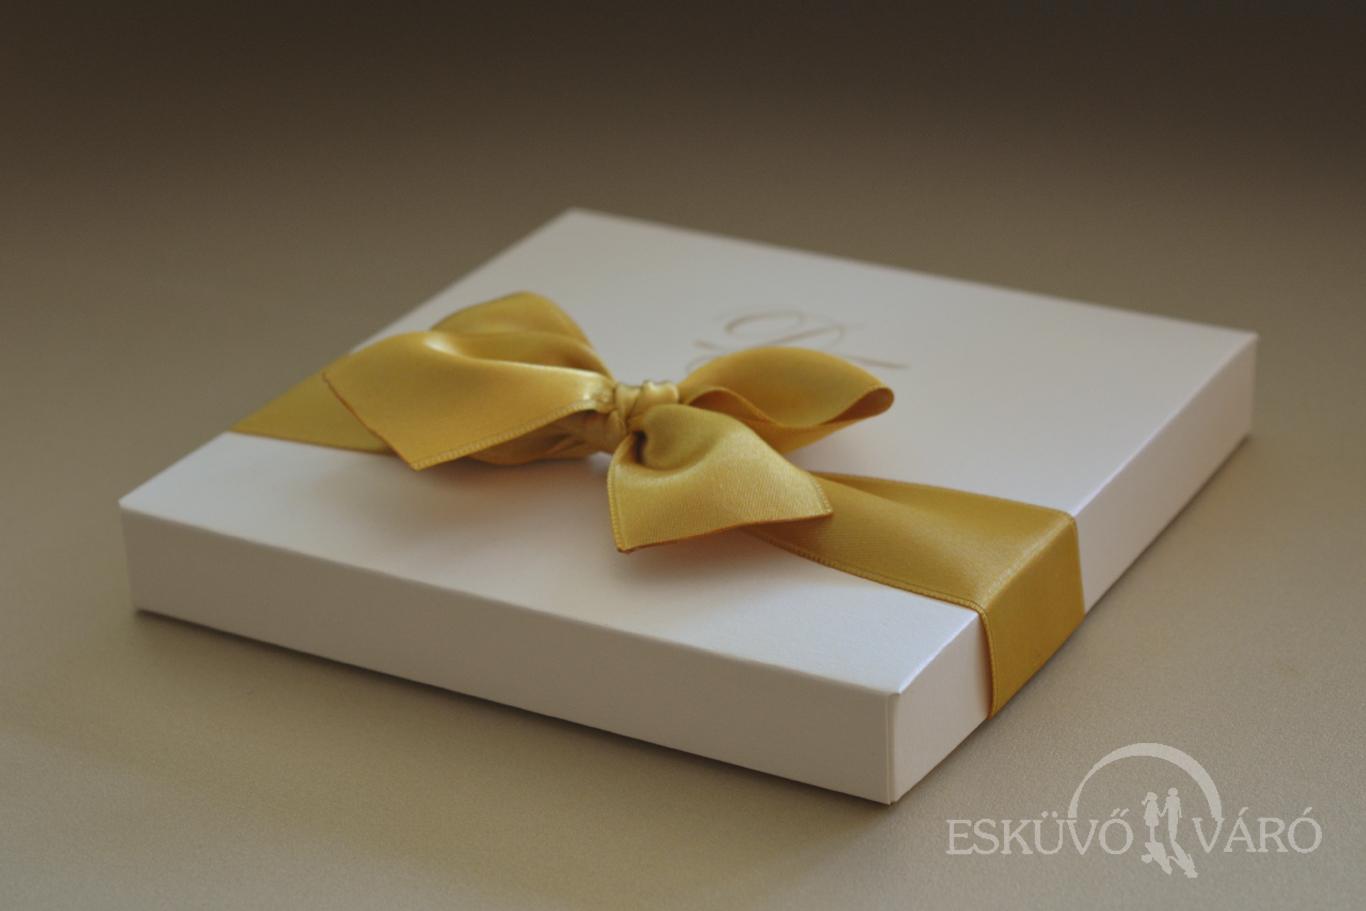 012719c8c6 A benne rejtőző meghívót is ezek díszítik, egy apró aranyszínű Swarovskival  kiegészítve. A meghívó a megszokott módon két rétegből áll össze, ...